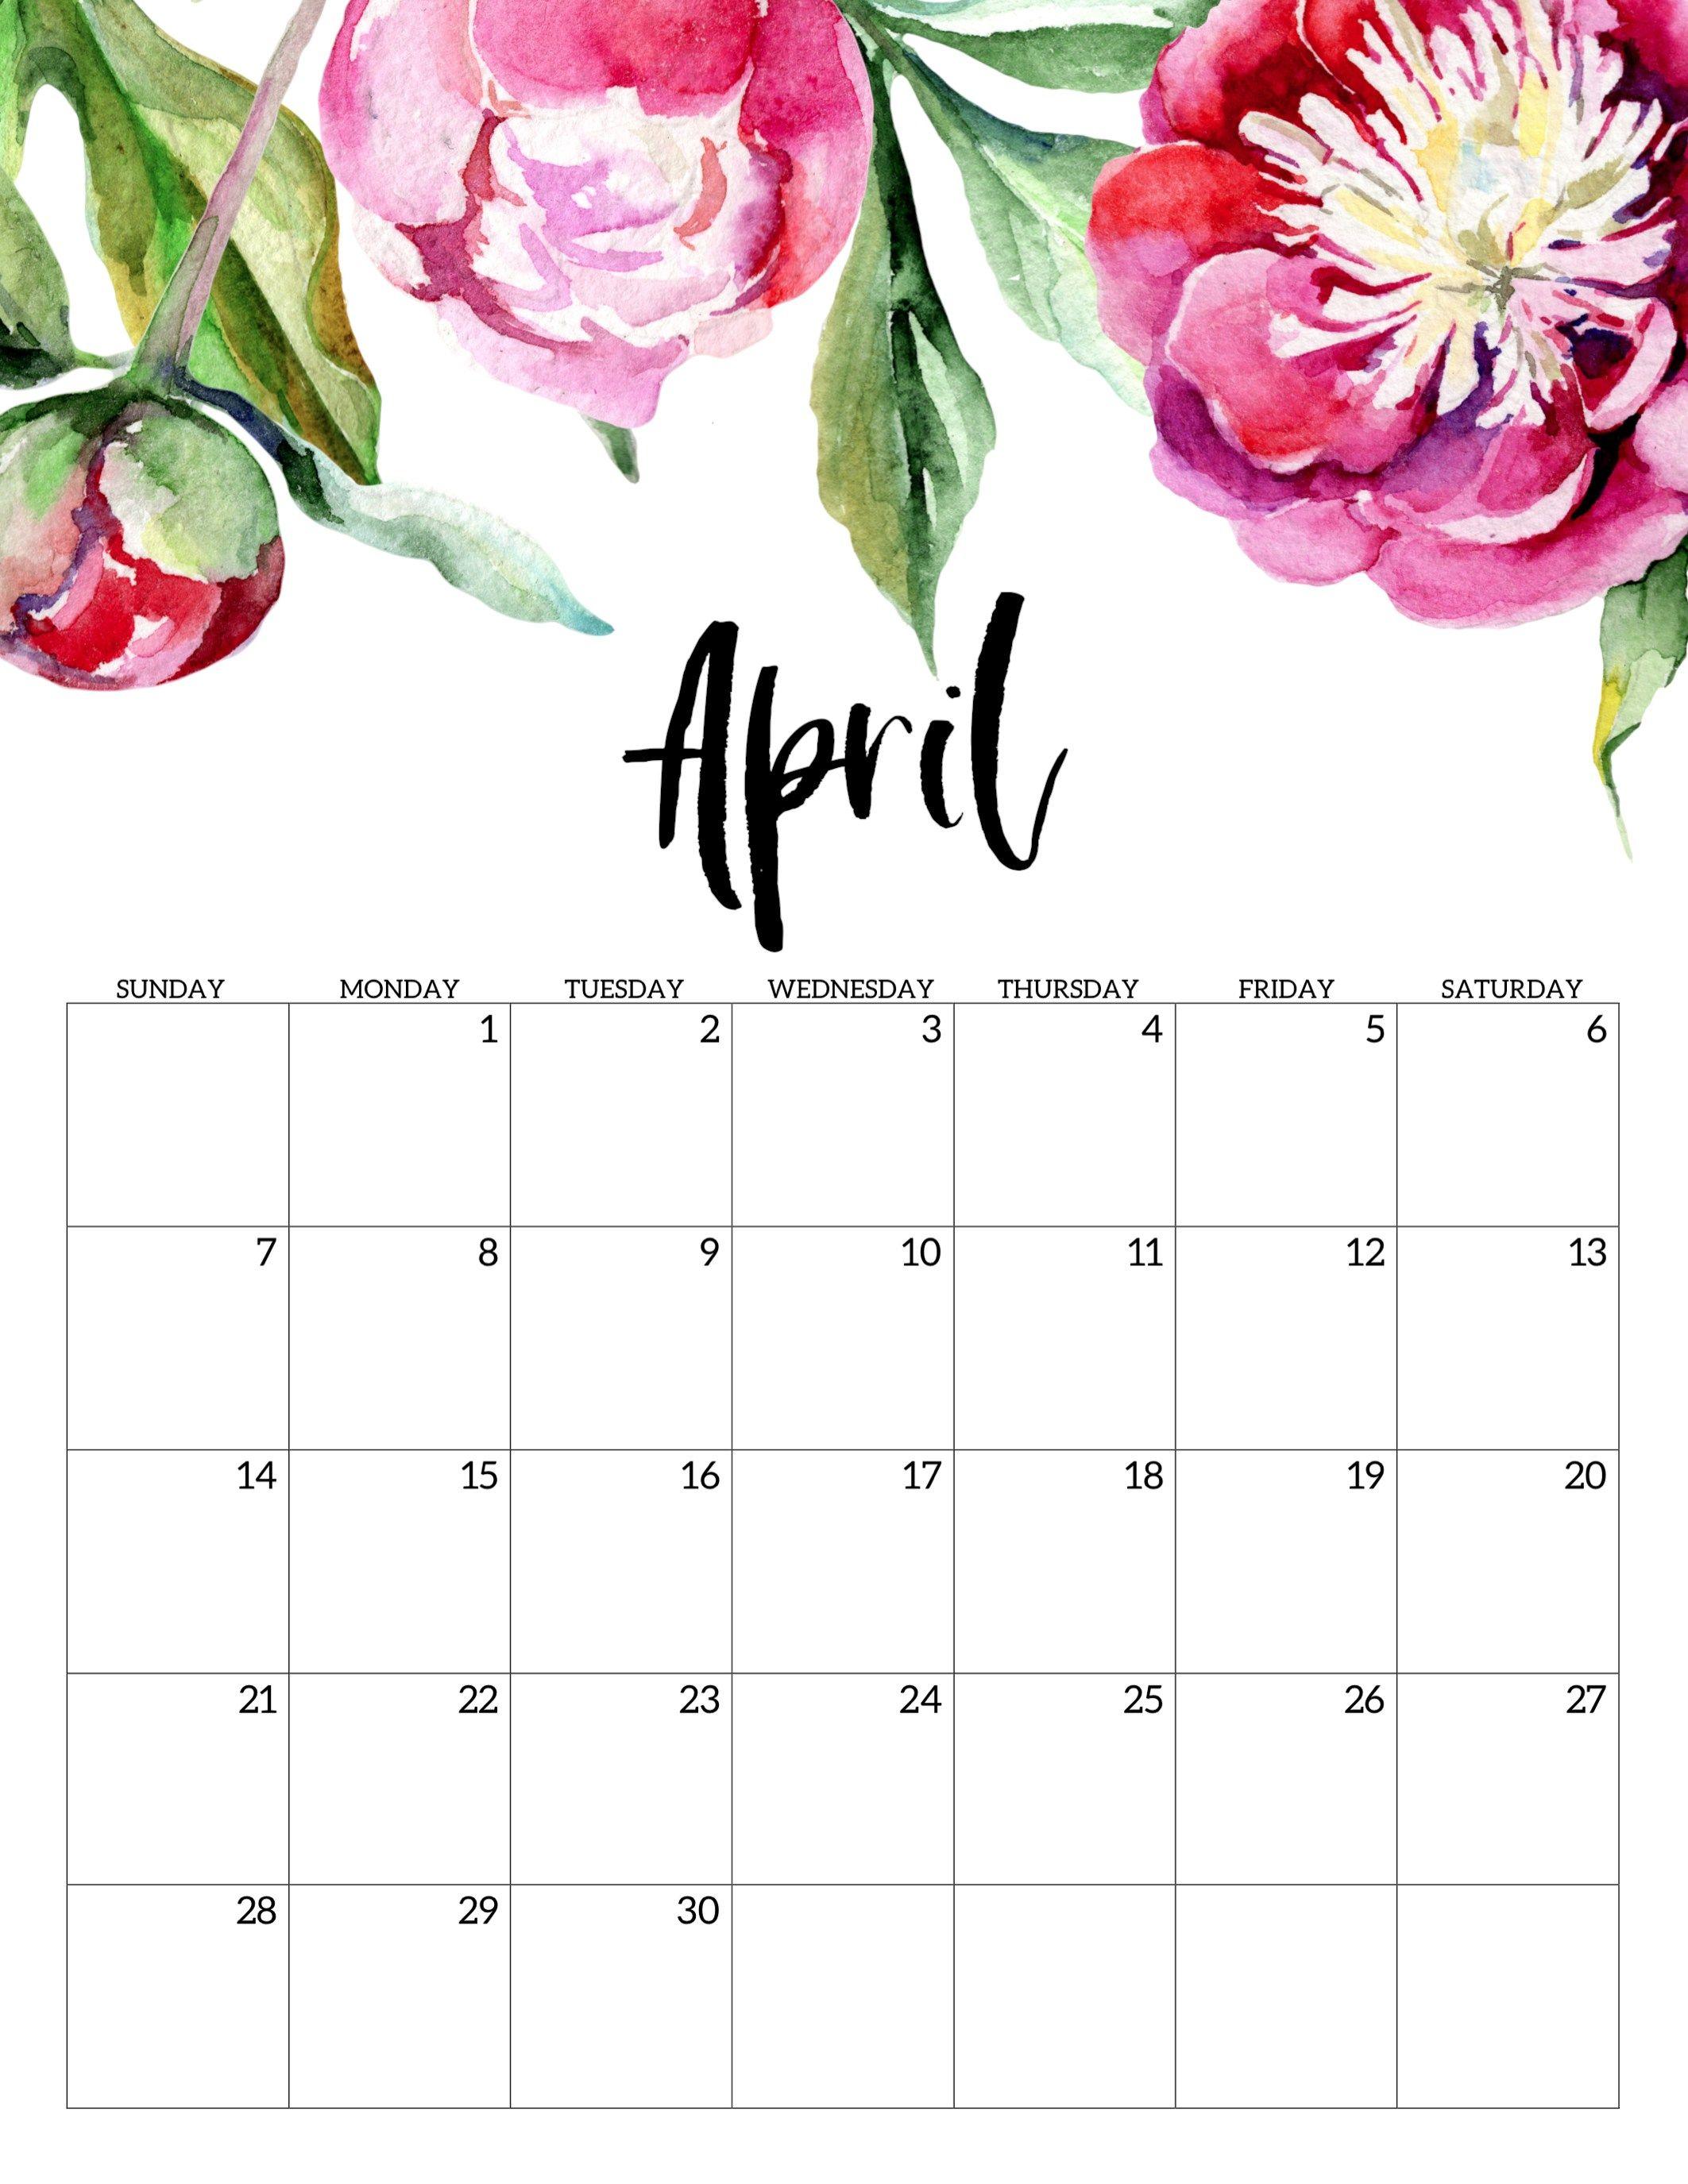 Free Printable Calendar 2019 - Floral | Календарь 2019 | Календарь in 11 X 8.5 Calendar Pages 2020 Free